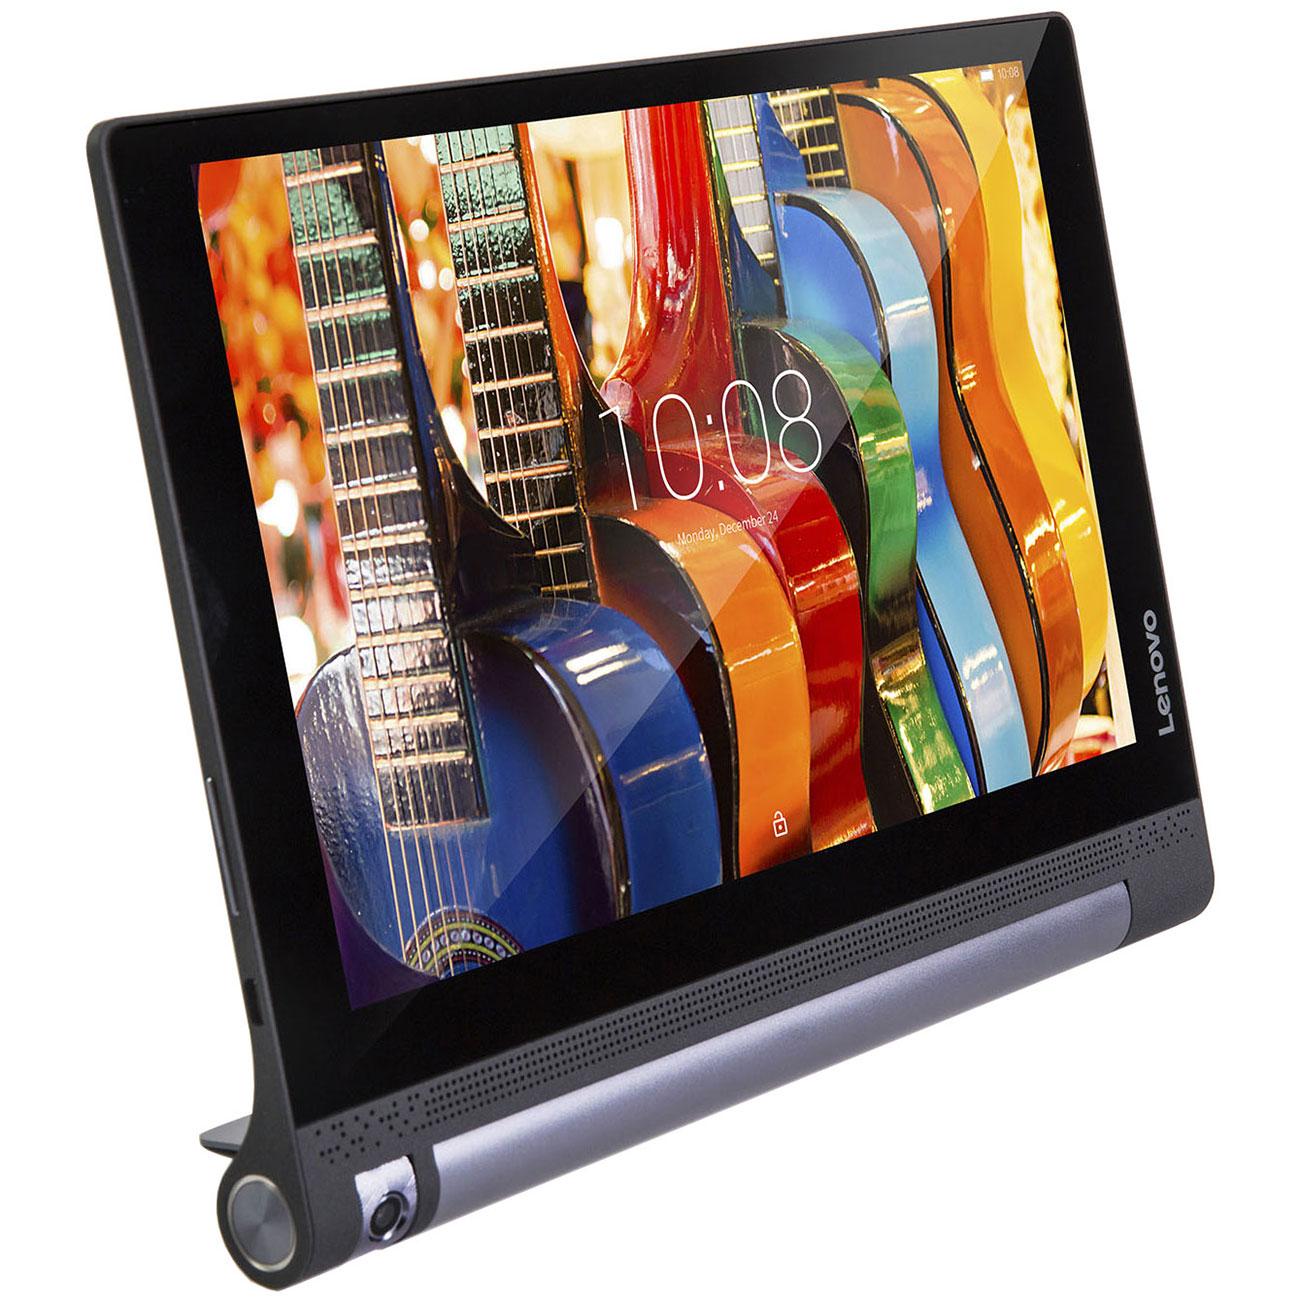 lenovo tab 3 10 za0h0042se tablette tactile lenovo sur. Black Bedroom Furniture Sets. Home Design Ideas